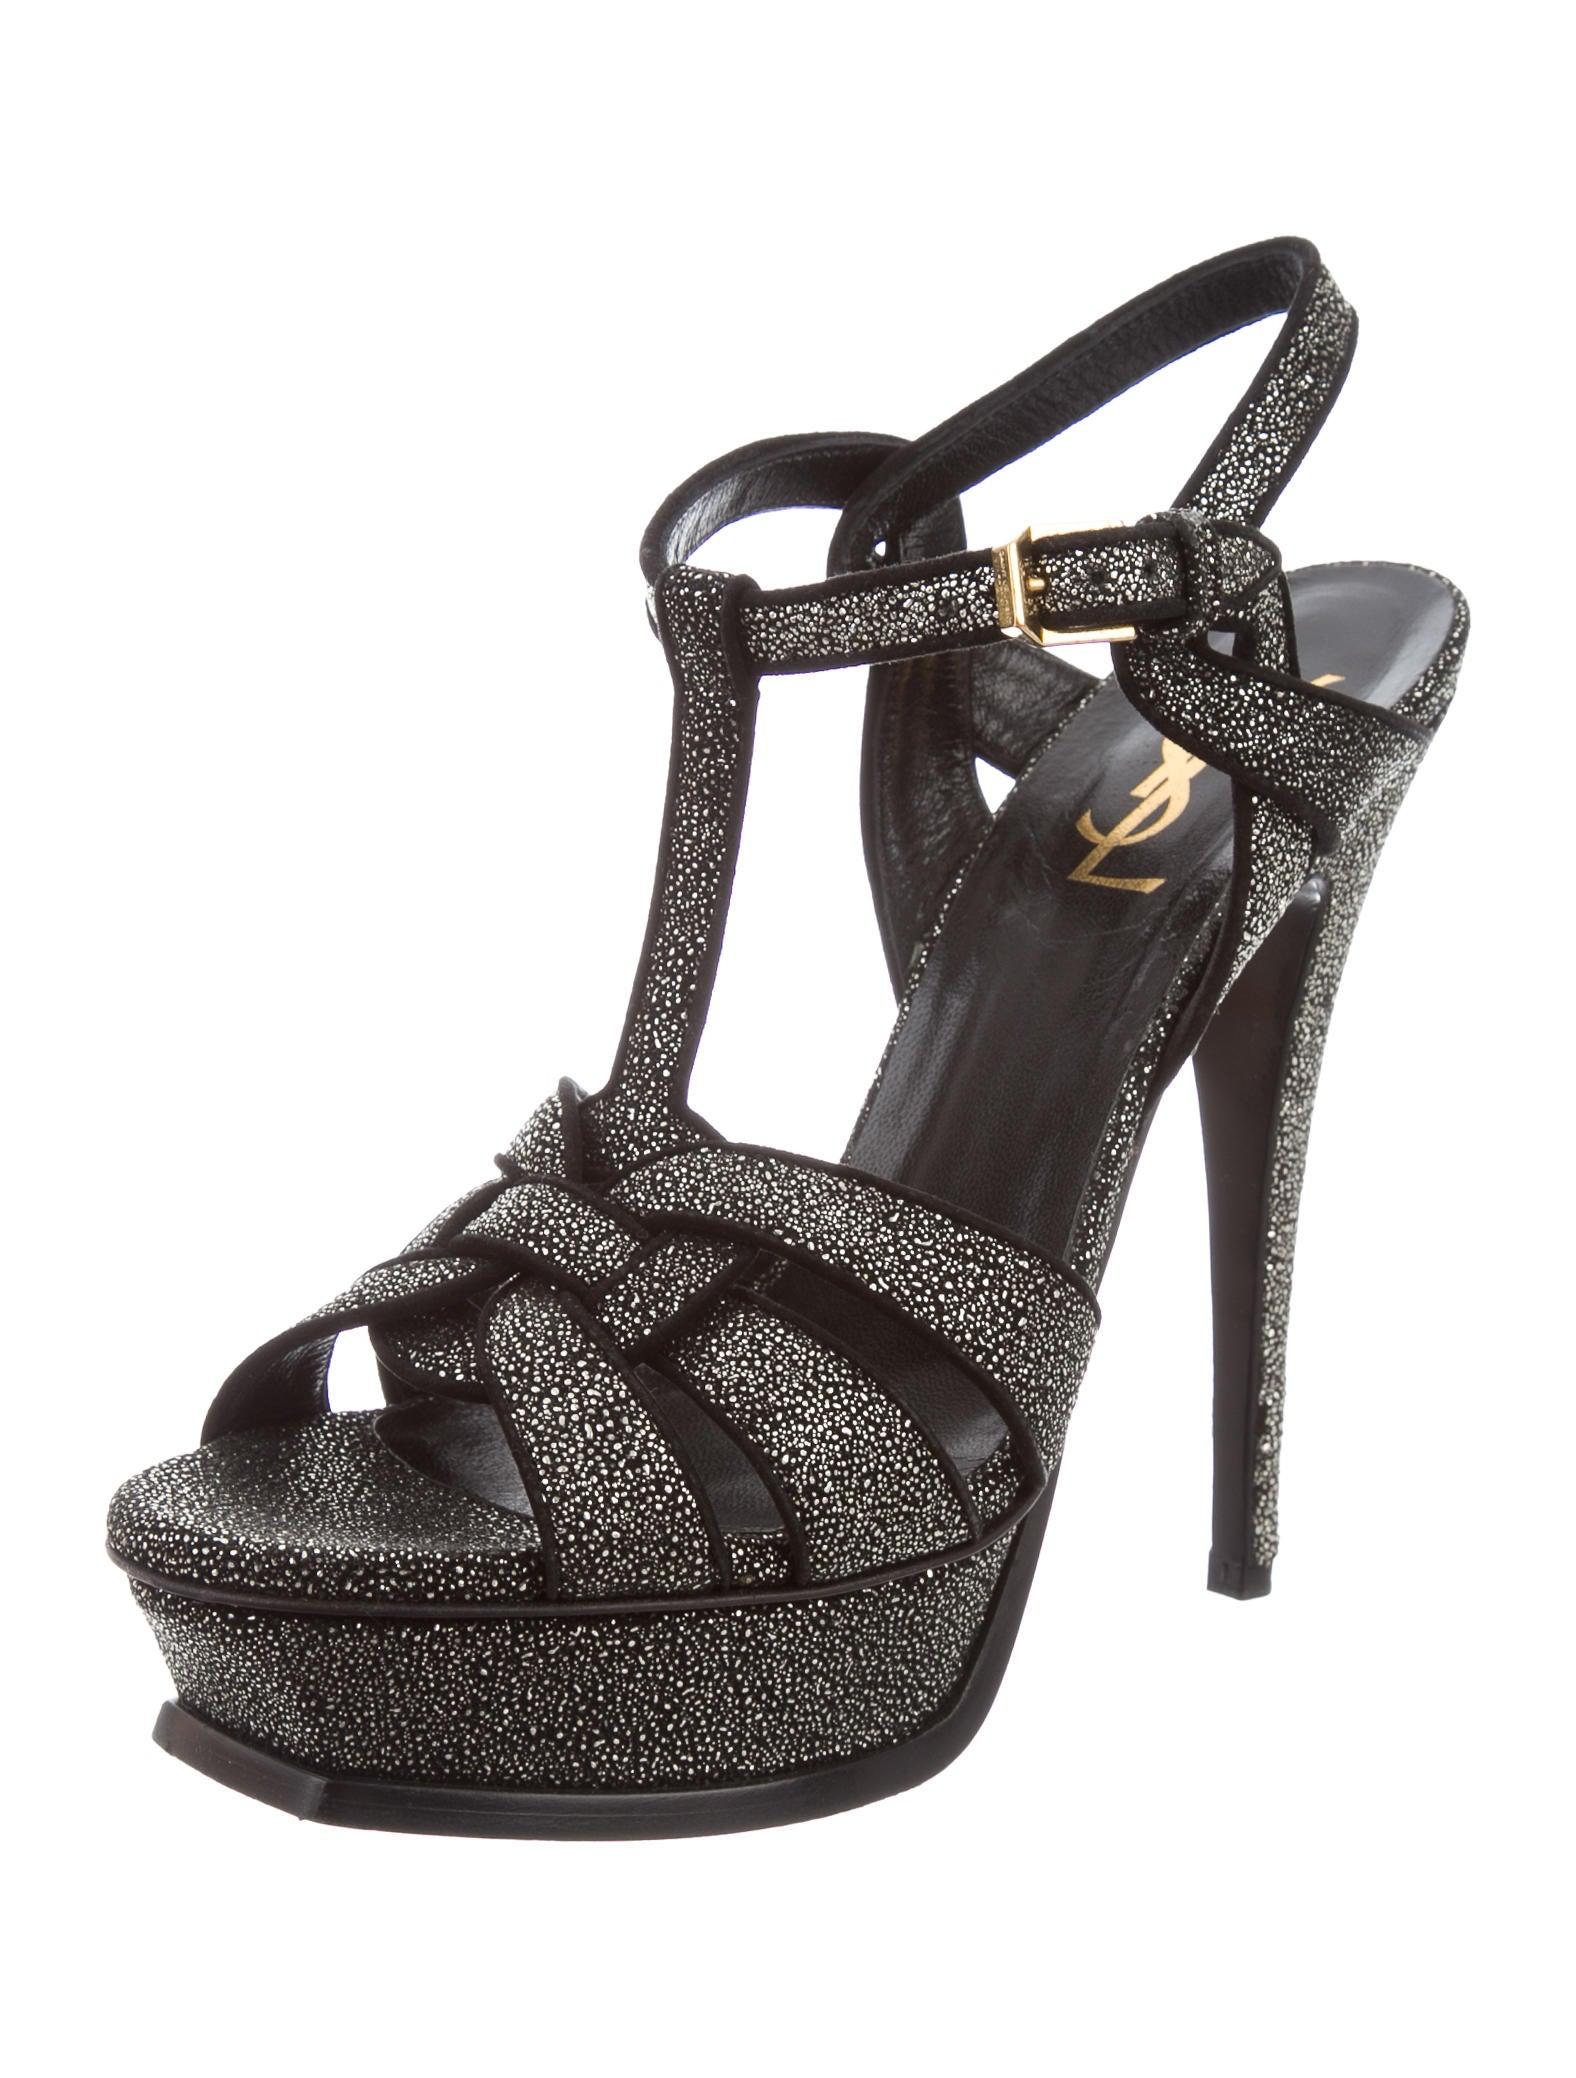 Saint Laurent Tribute Platform Sandals Shoes Yve63715